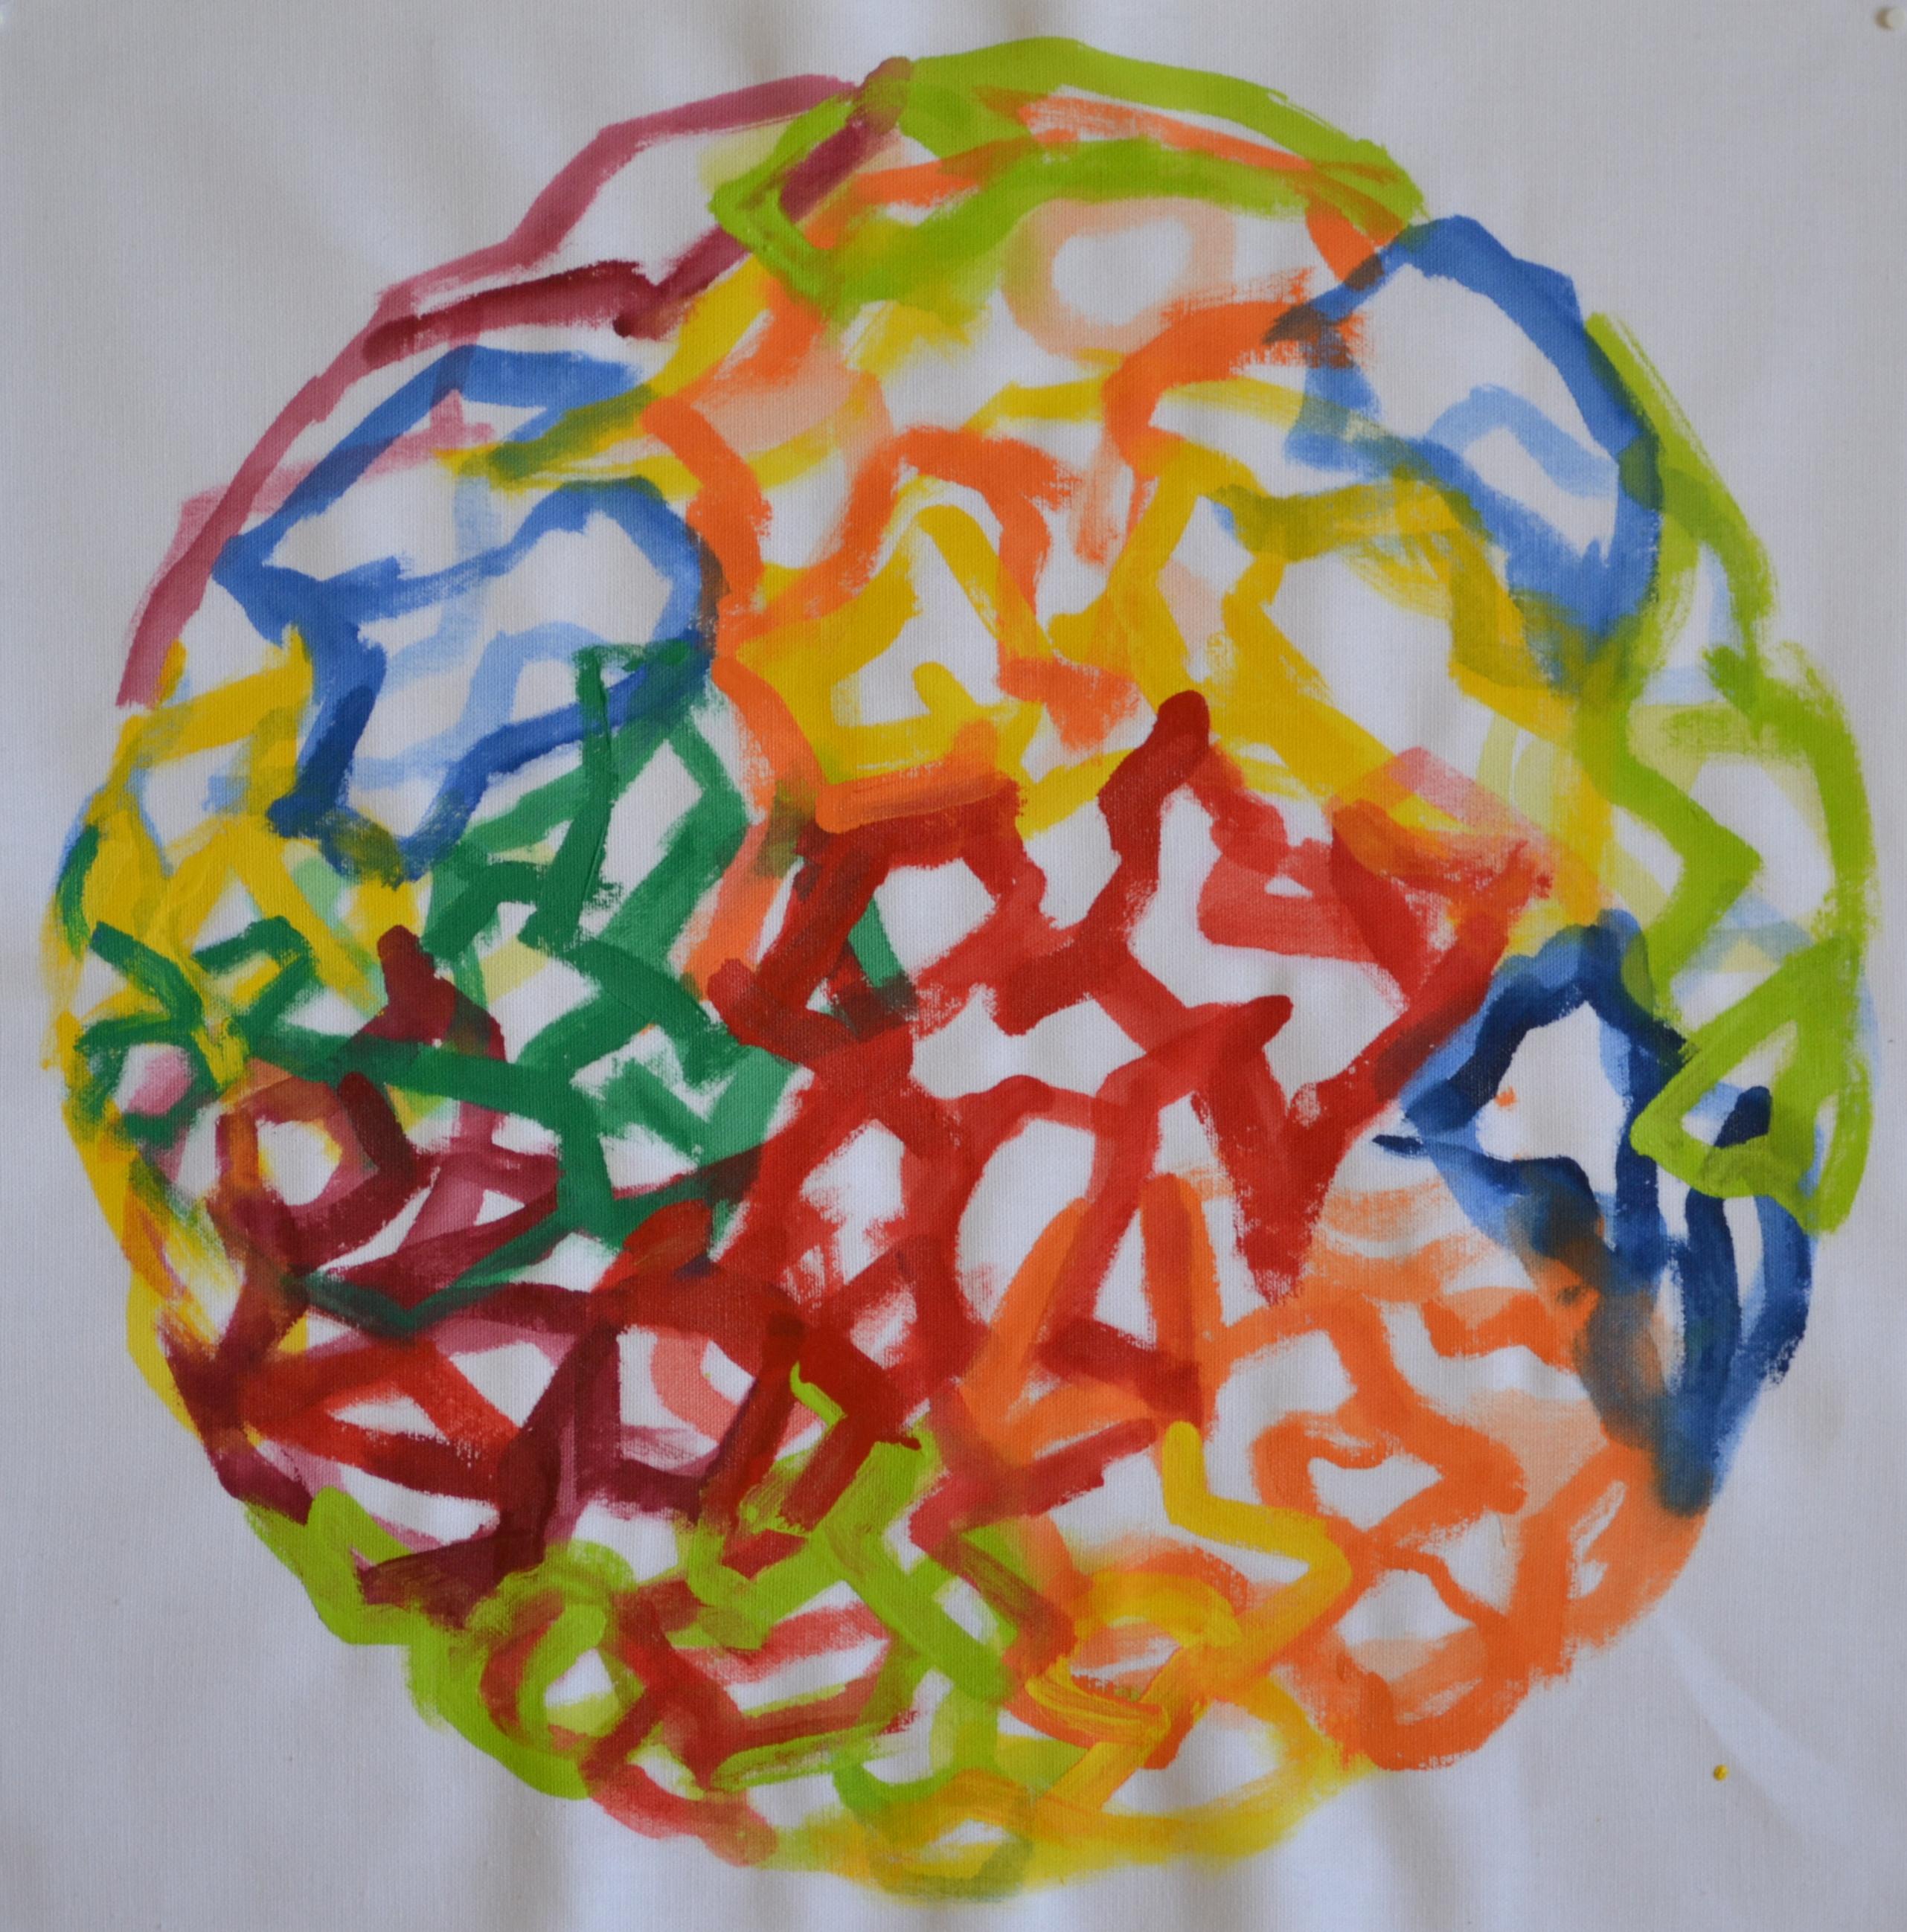 Mappemonde Peinture, acrylique sur tissu libre, 48 x 48 cm